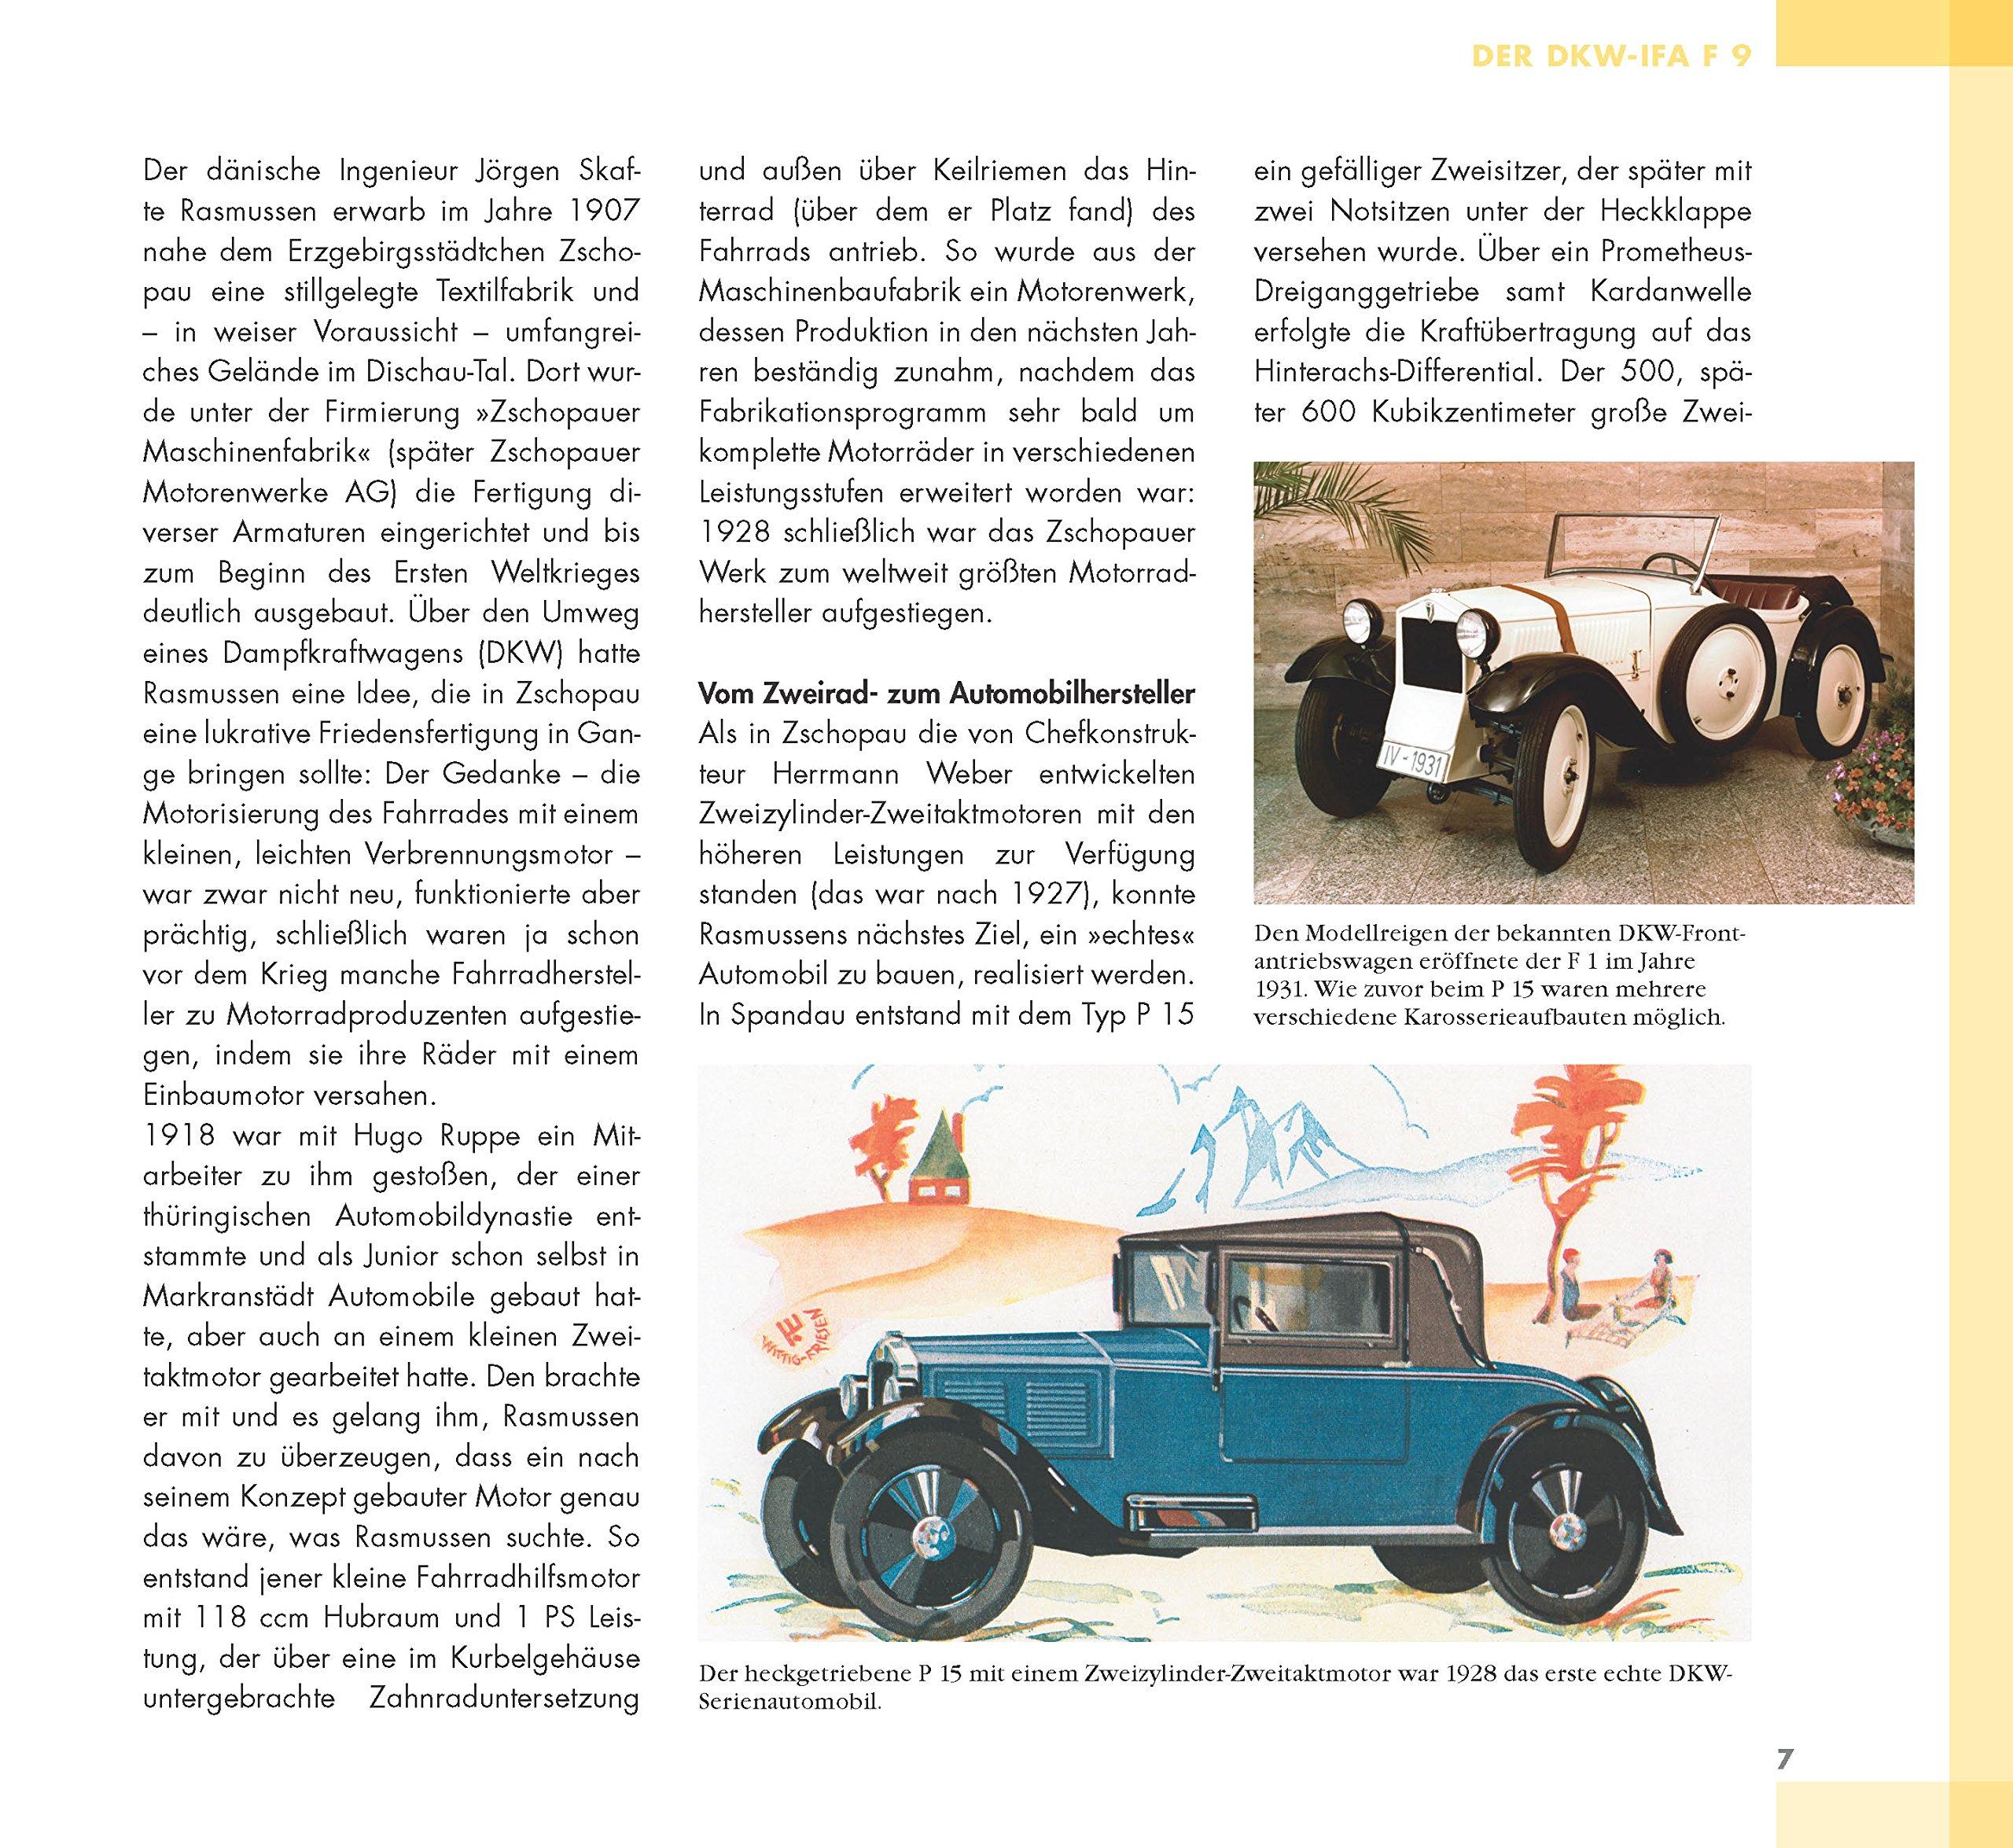 Wartburg 311 / 313 / 1000: 1956 - 1965: Amazon.co.uk: Frank Rönicke ...